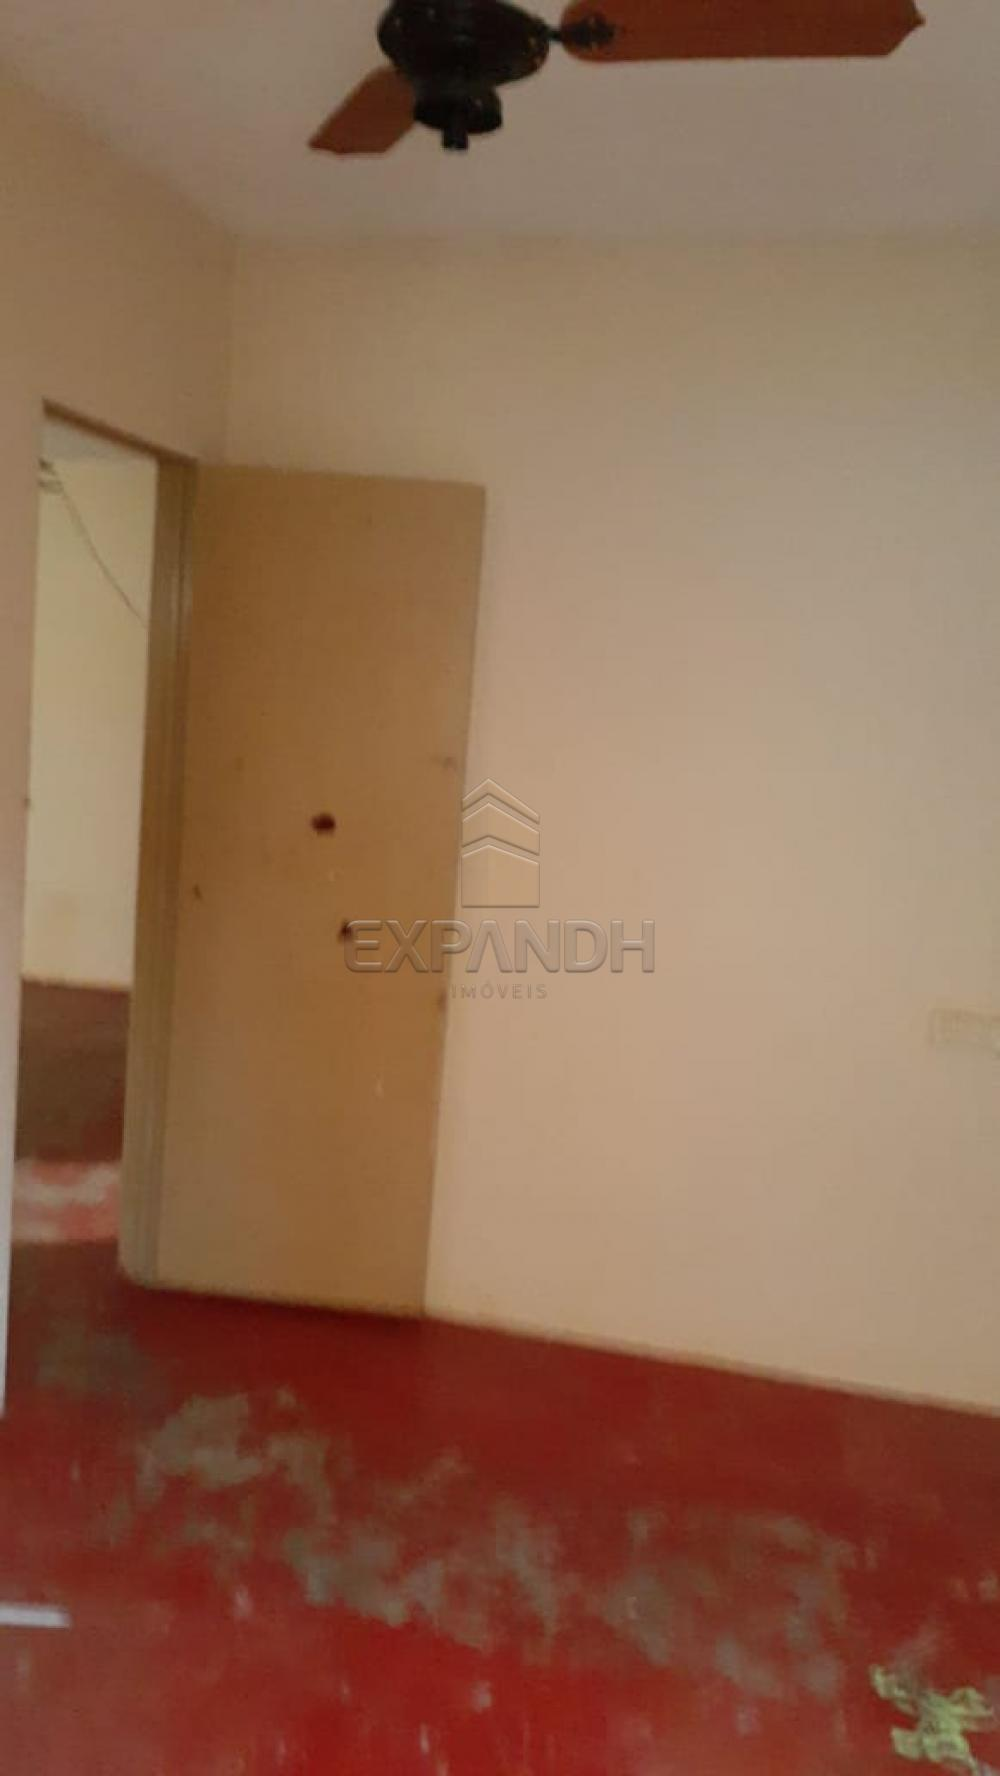 Comprar Casas / Padrão em Sertãozinho apenas R$ 140.000,00 - Foto 6